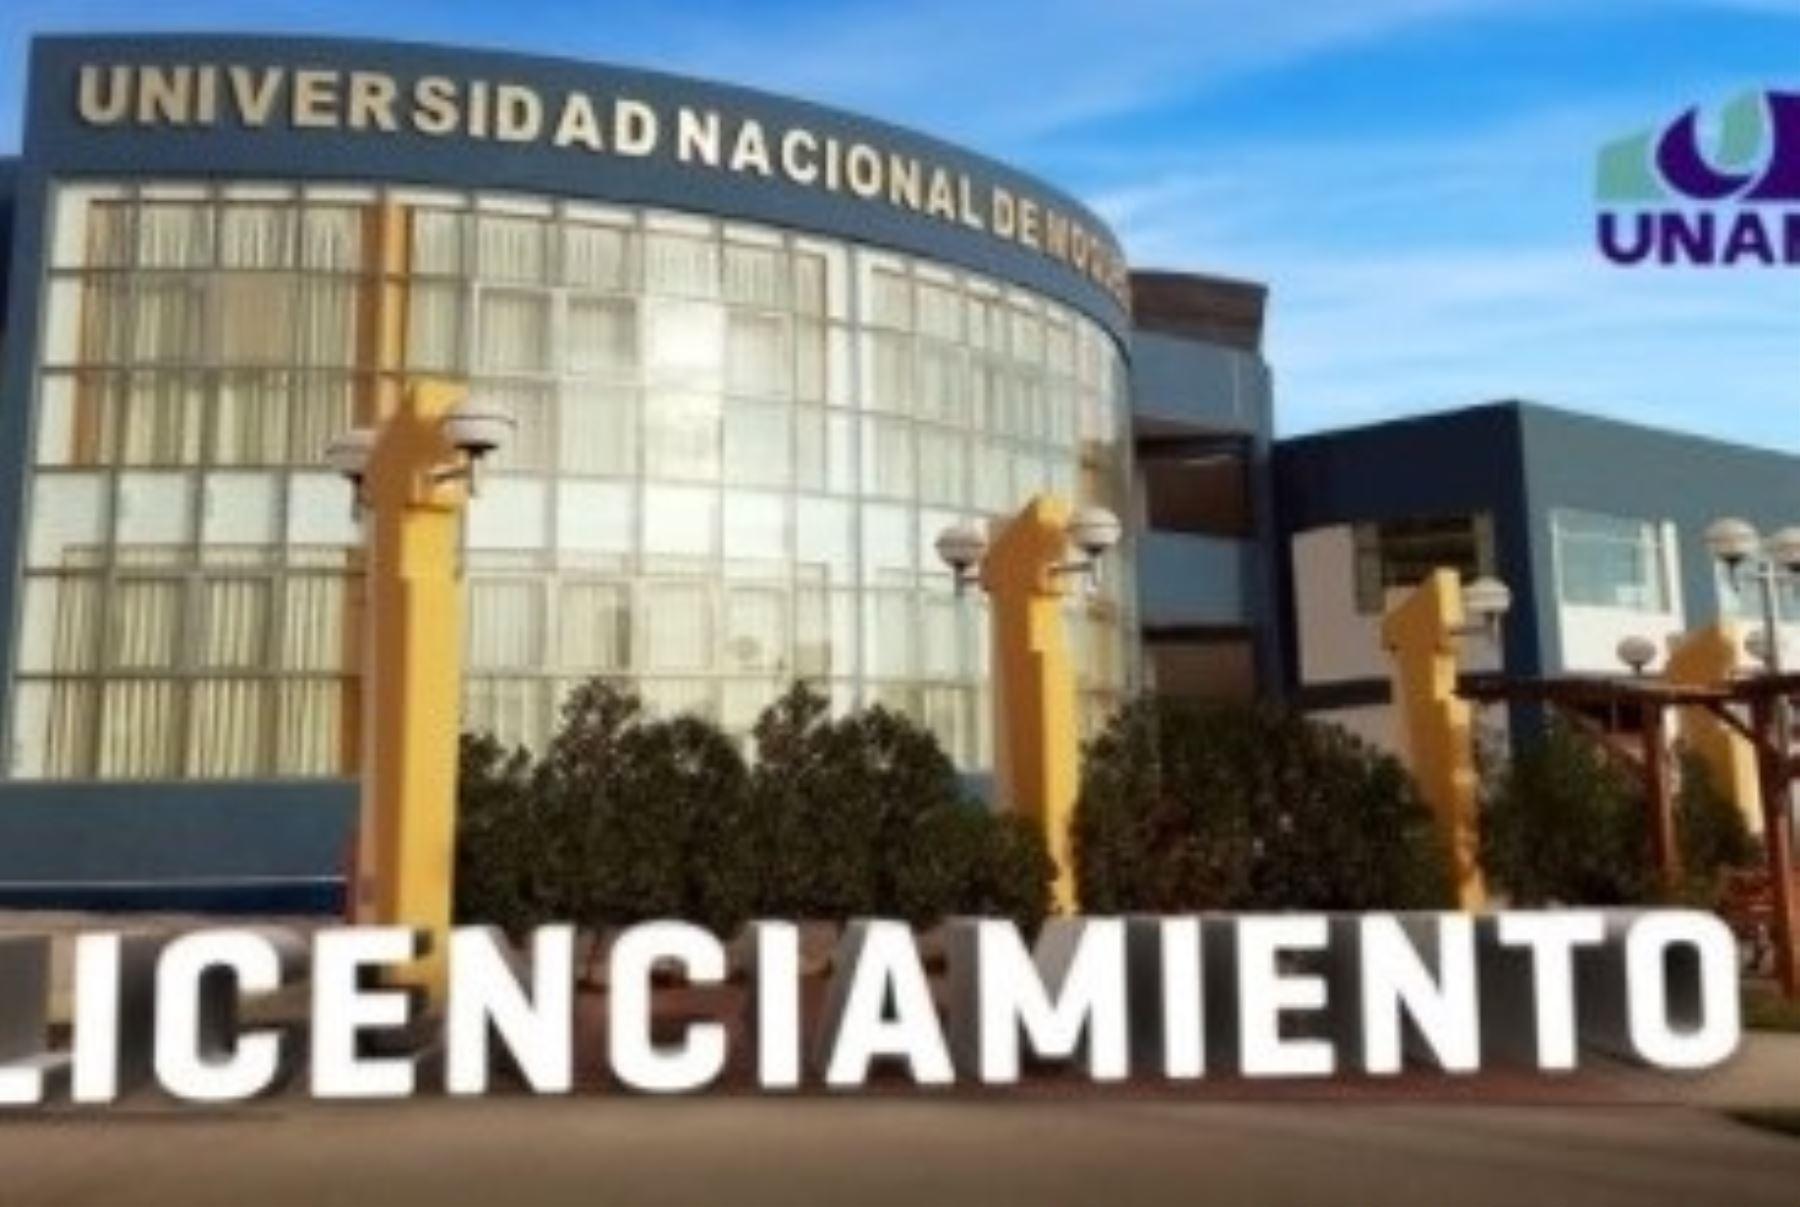 La Superintendencia Nacional de Educación Superior Universitaria (Sunedu) otorgó seis años de licencia institucional a la Universidad Nacional de Moquegua (UNAM), tras culminar este procedimiento de carácter obligatorio para todas las casas de estudios superiores del país.